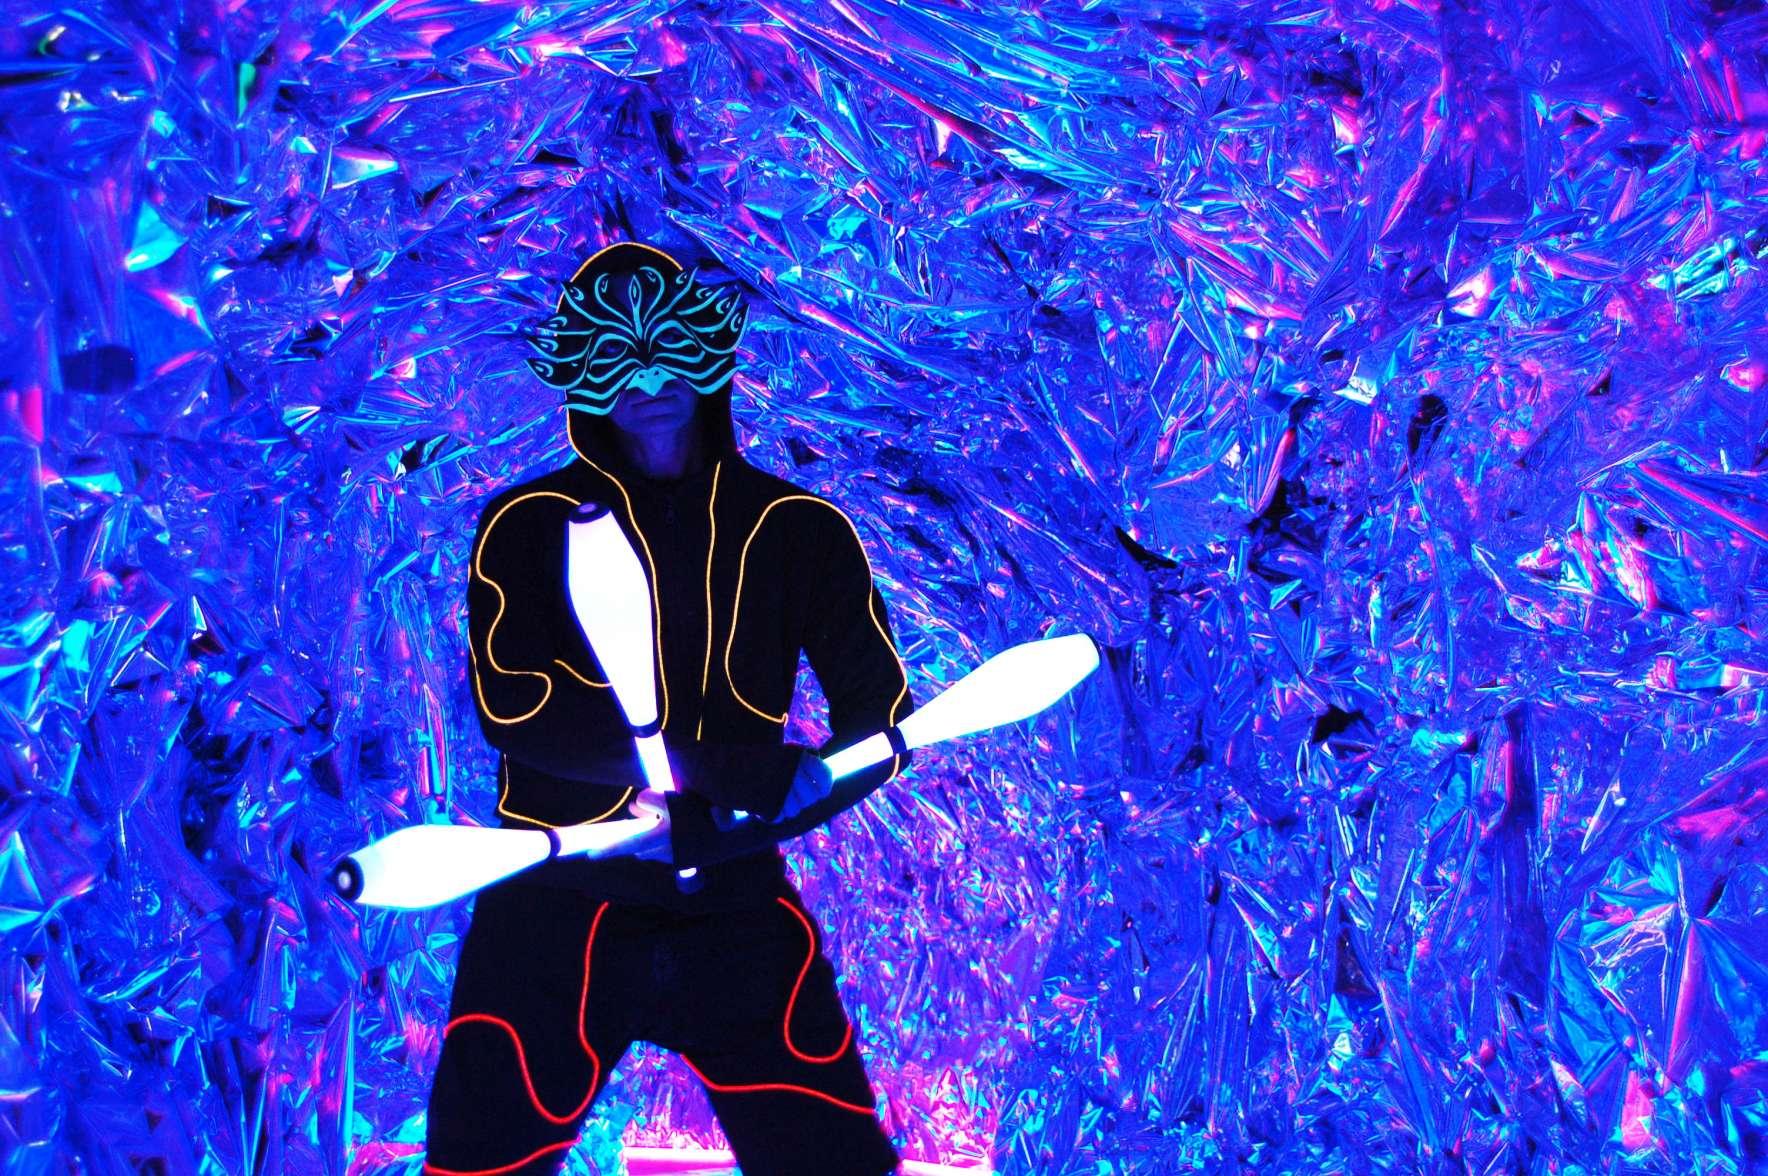 Ζογκλέρ με φωτεινό κοστούμι και μάσκα που φωσφορίζει κρατάει τρεις φωτεινές κορύνες σε ιδιωτικό πάρτυ